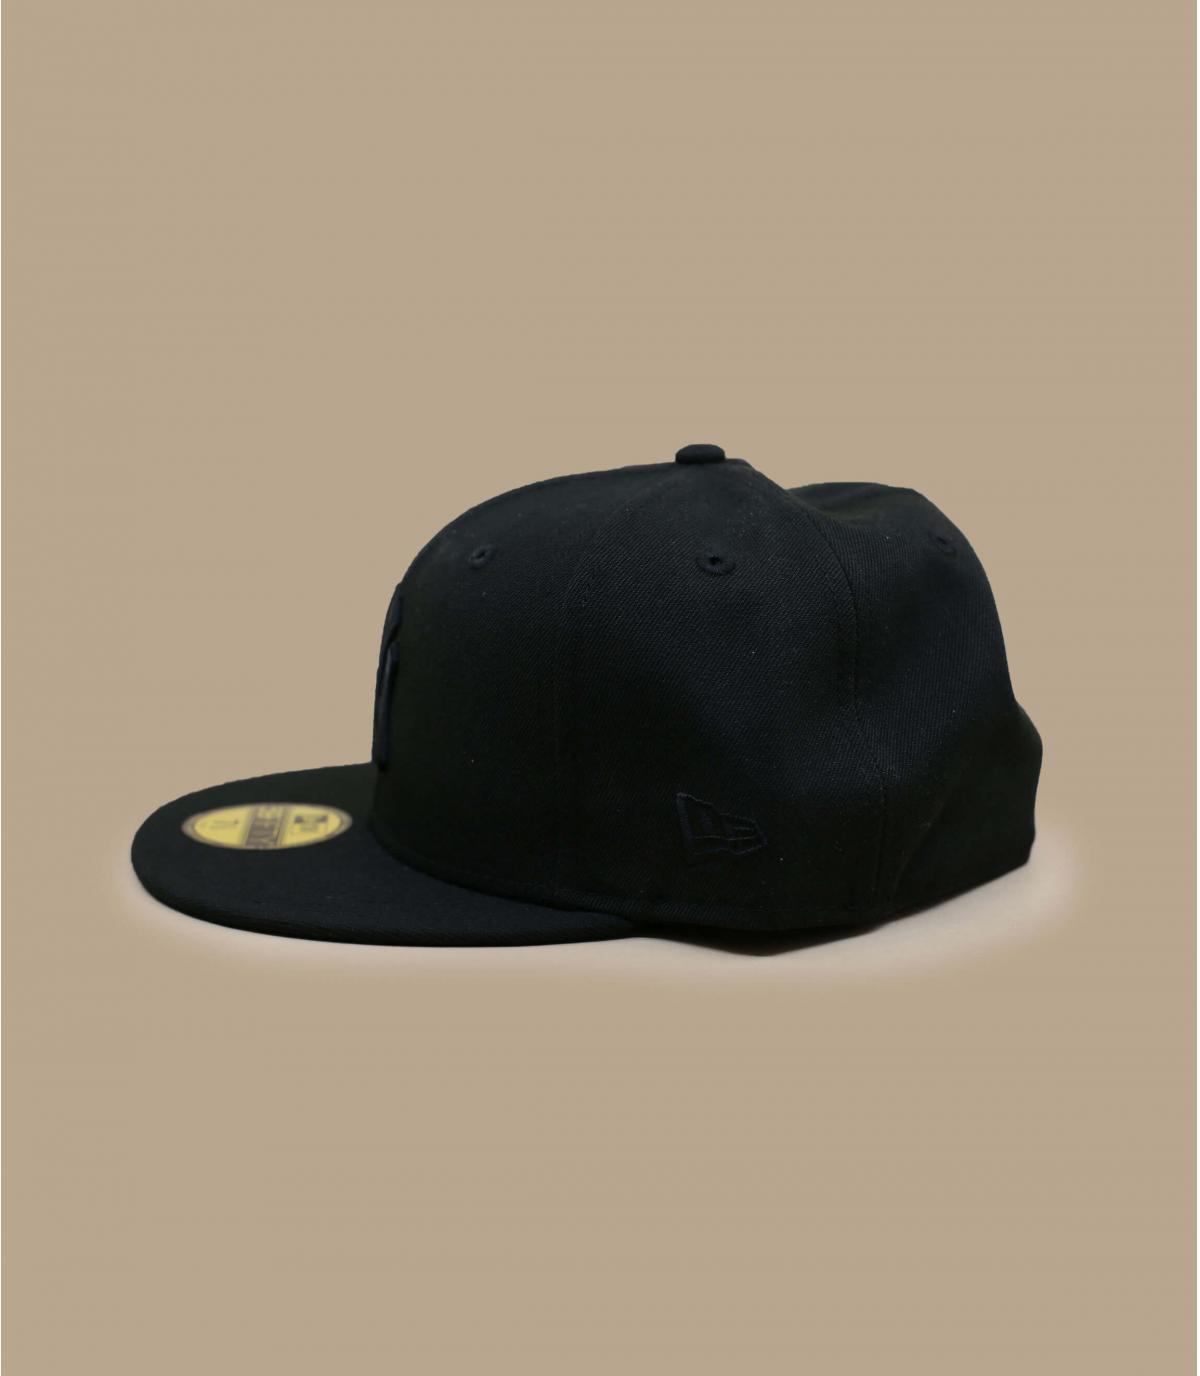 Détails Casquette NY 59fifty noir noir - image 3